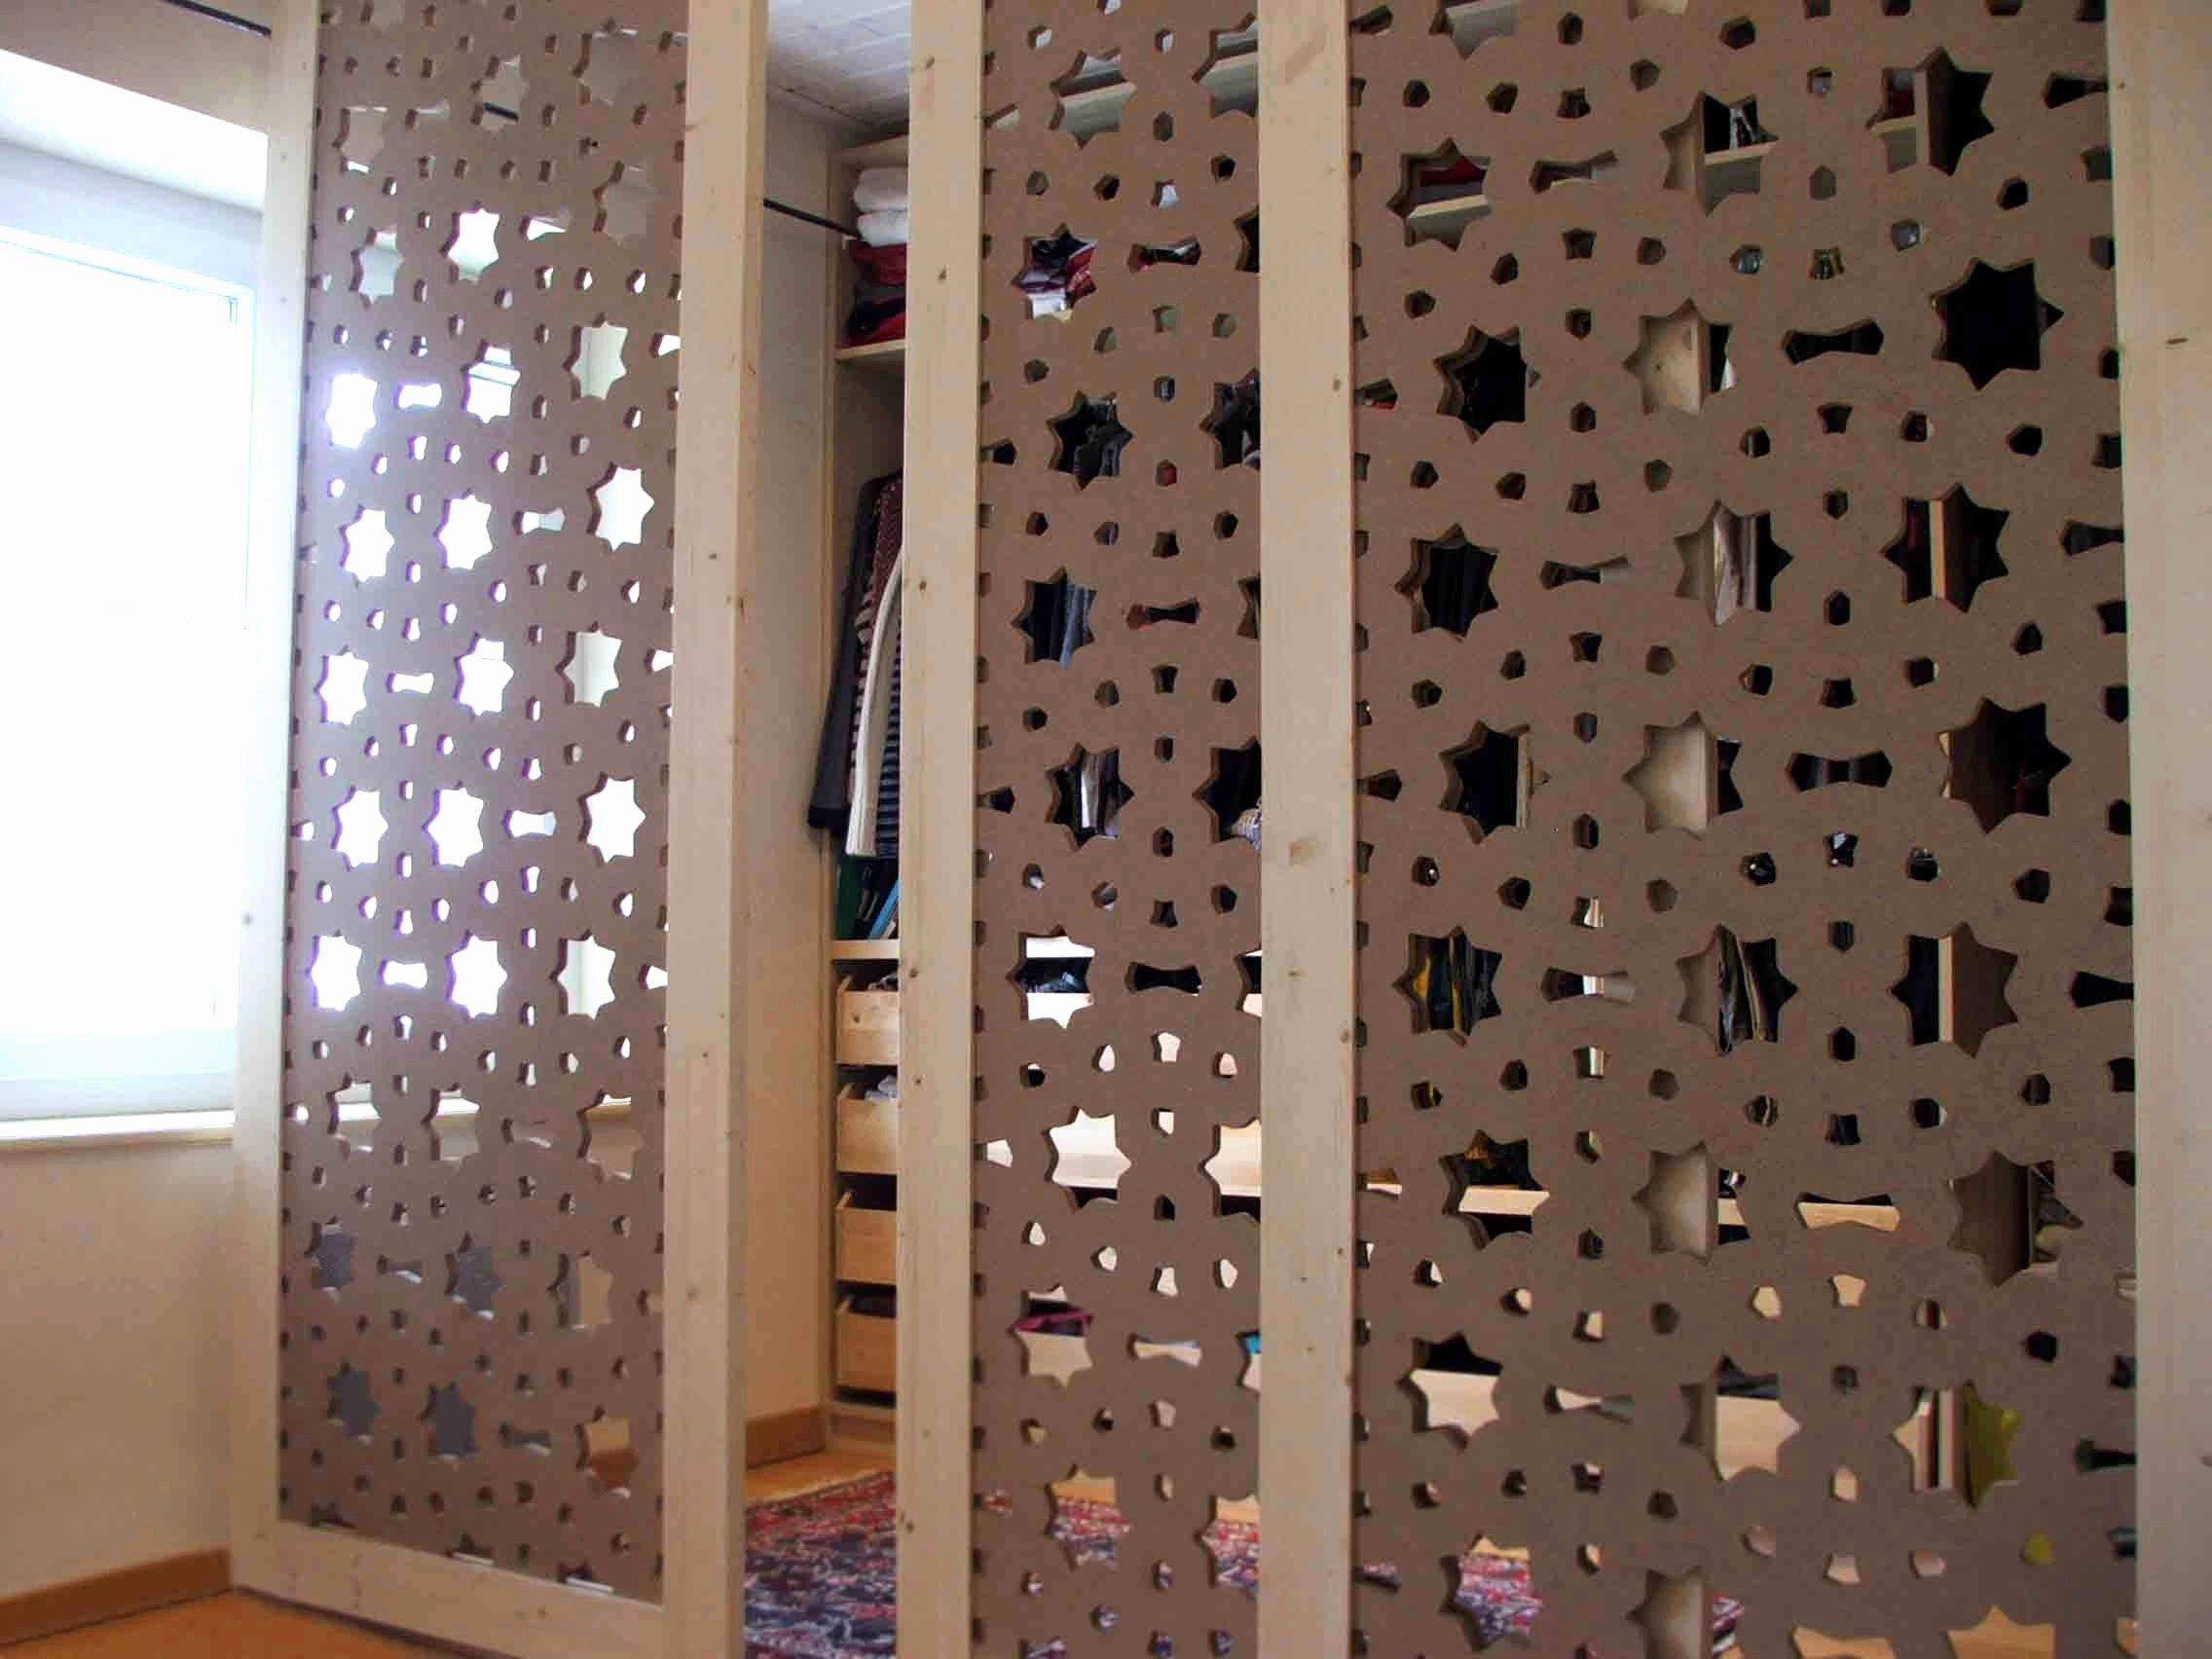 Claustra Intérieur En Bois claustra bois interieur castorama | claustra bois intérieur